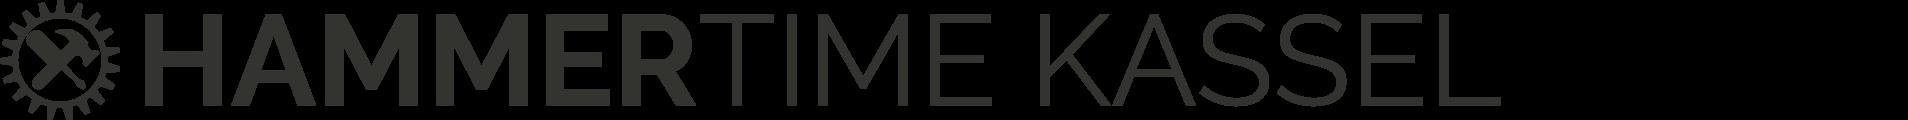 Hammertime Kassel